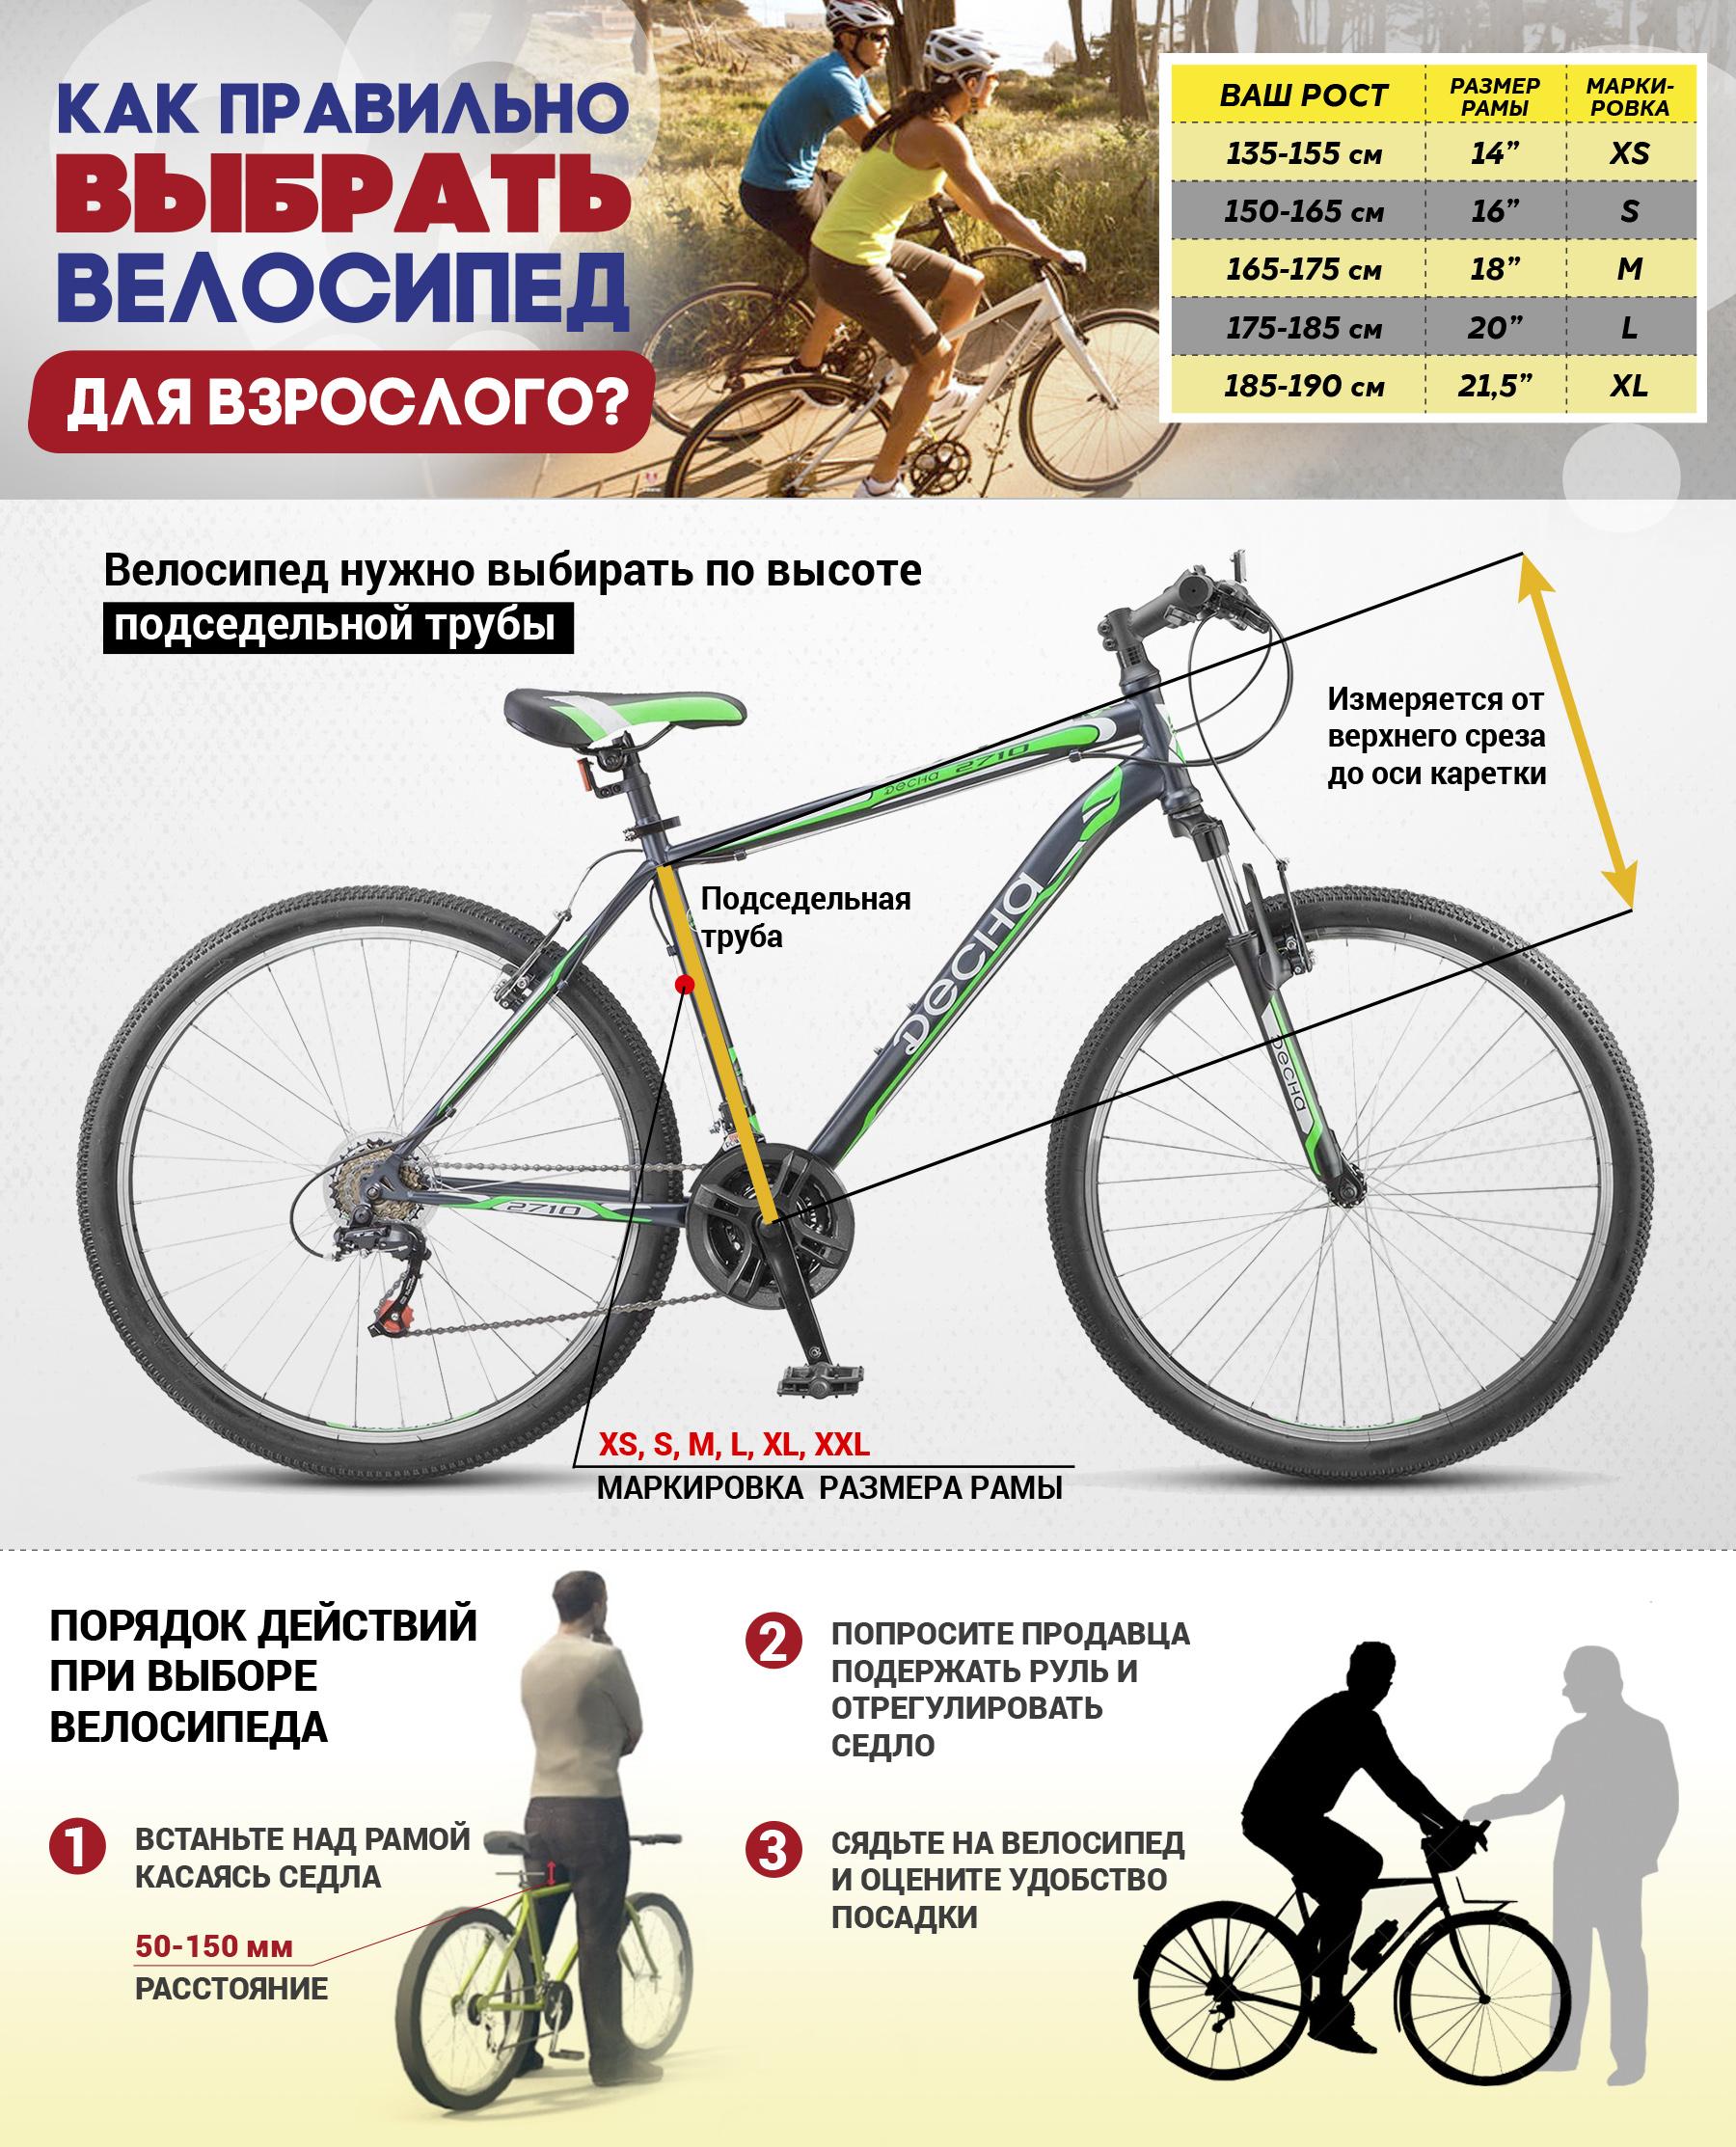 Руководство для начинающих велосипедистов. как выбрать велосипед?